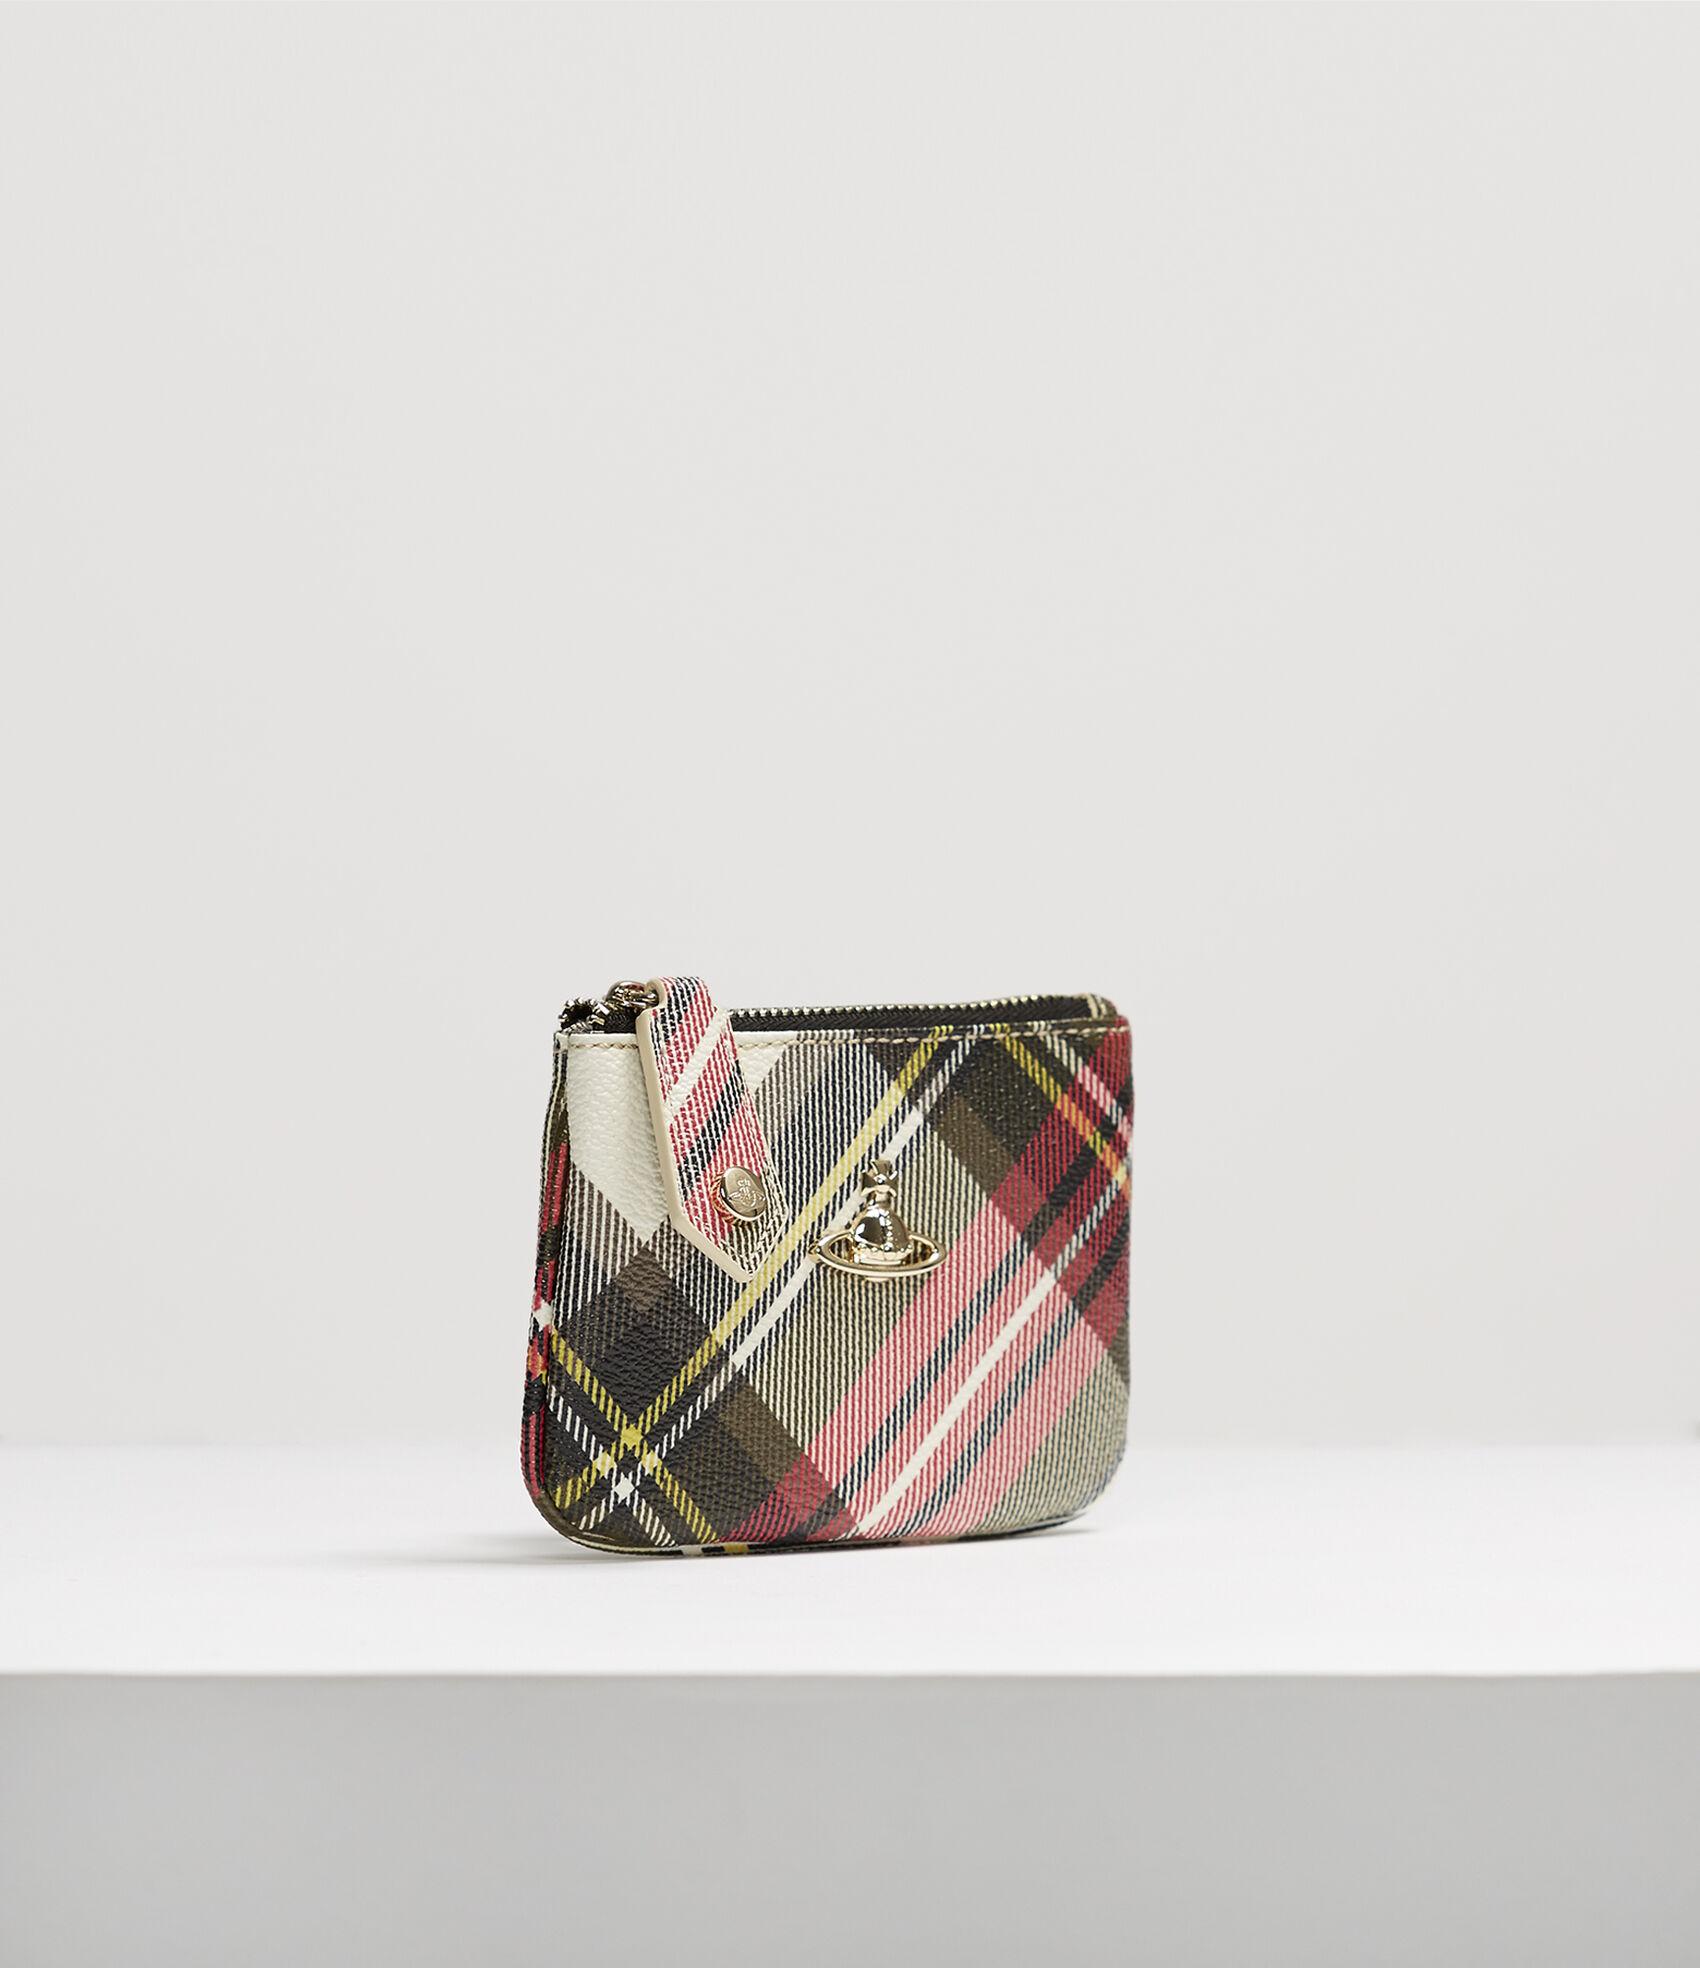 ab76ec99b Vivienne Westwood Women's Designer Wallets and Purses | Vivienne ...